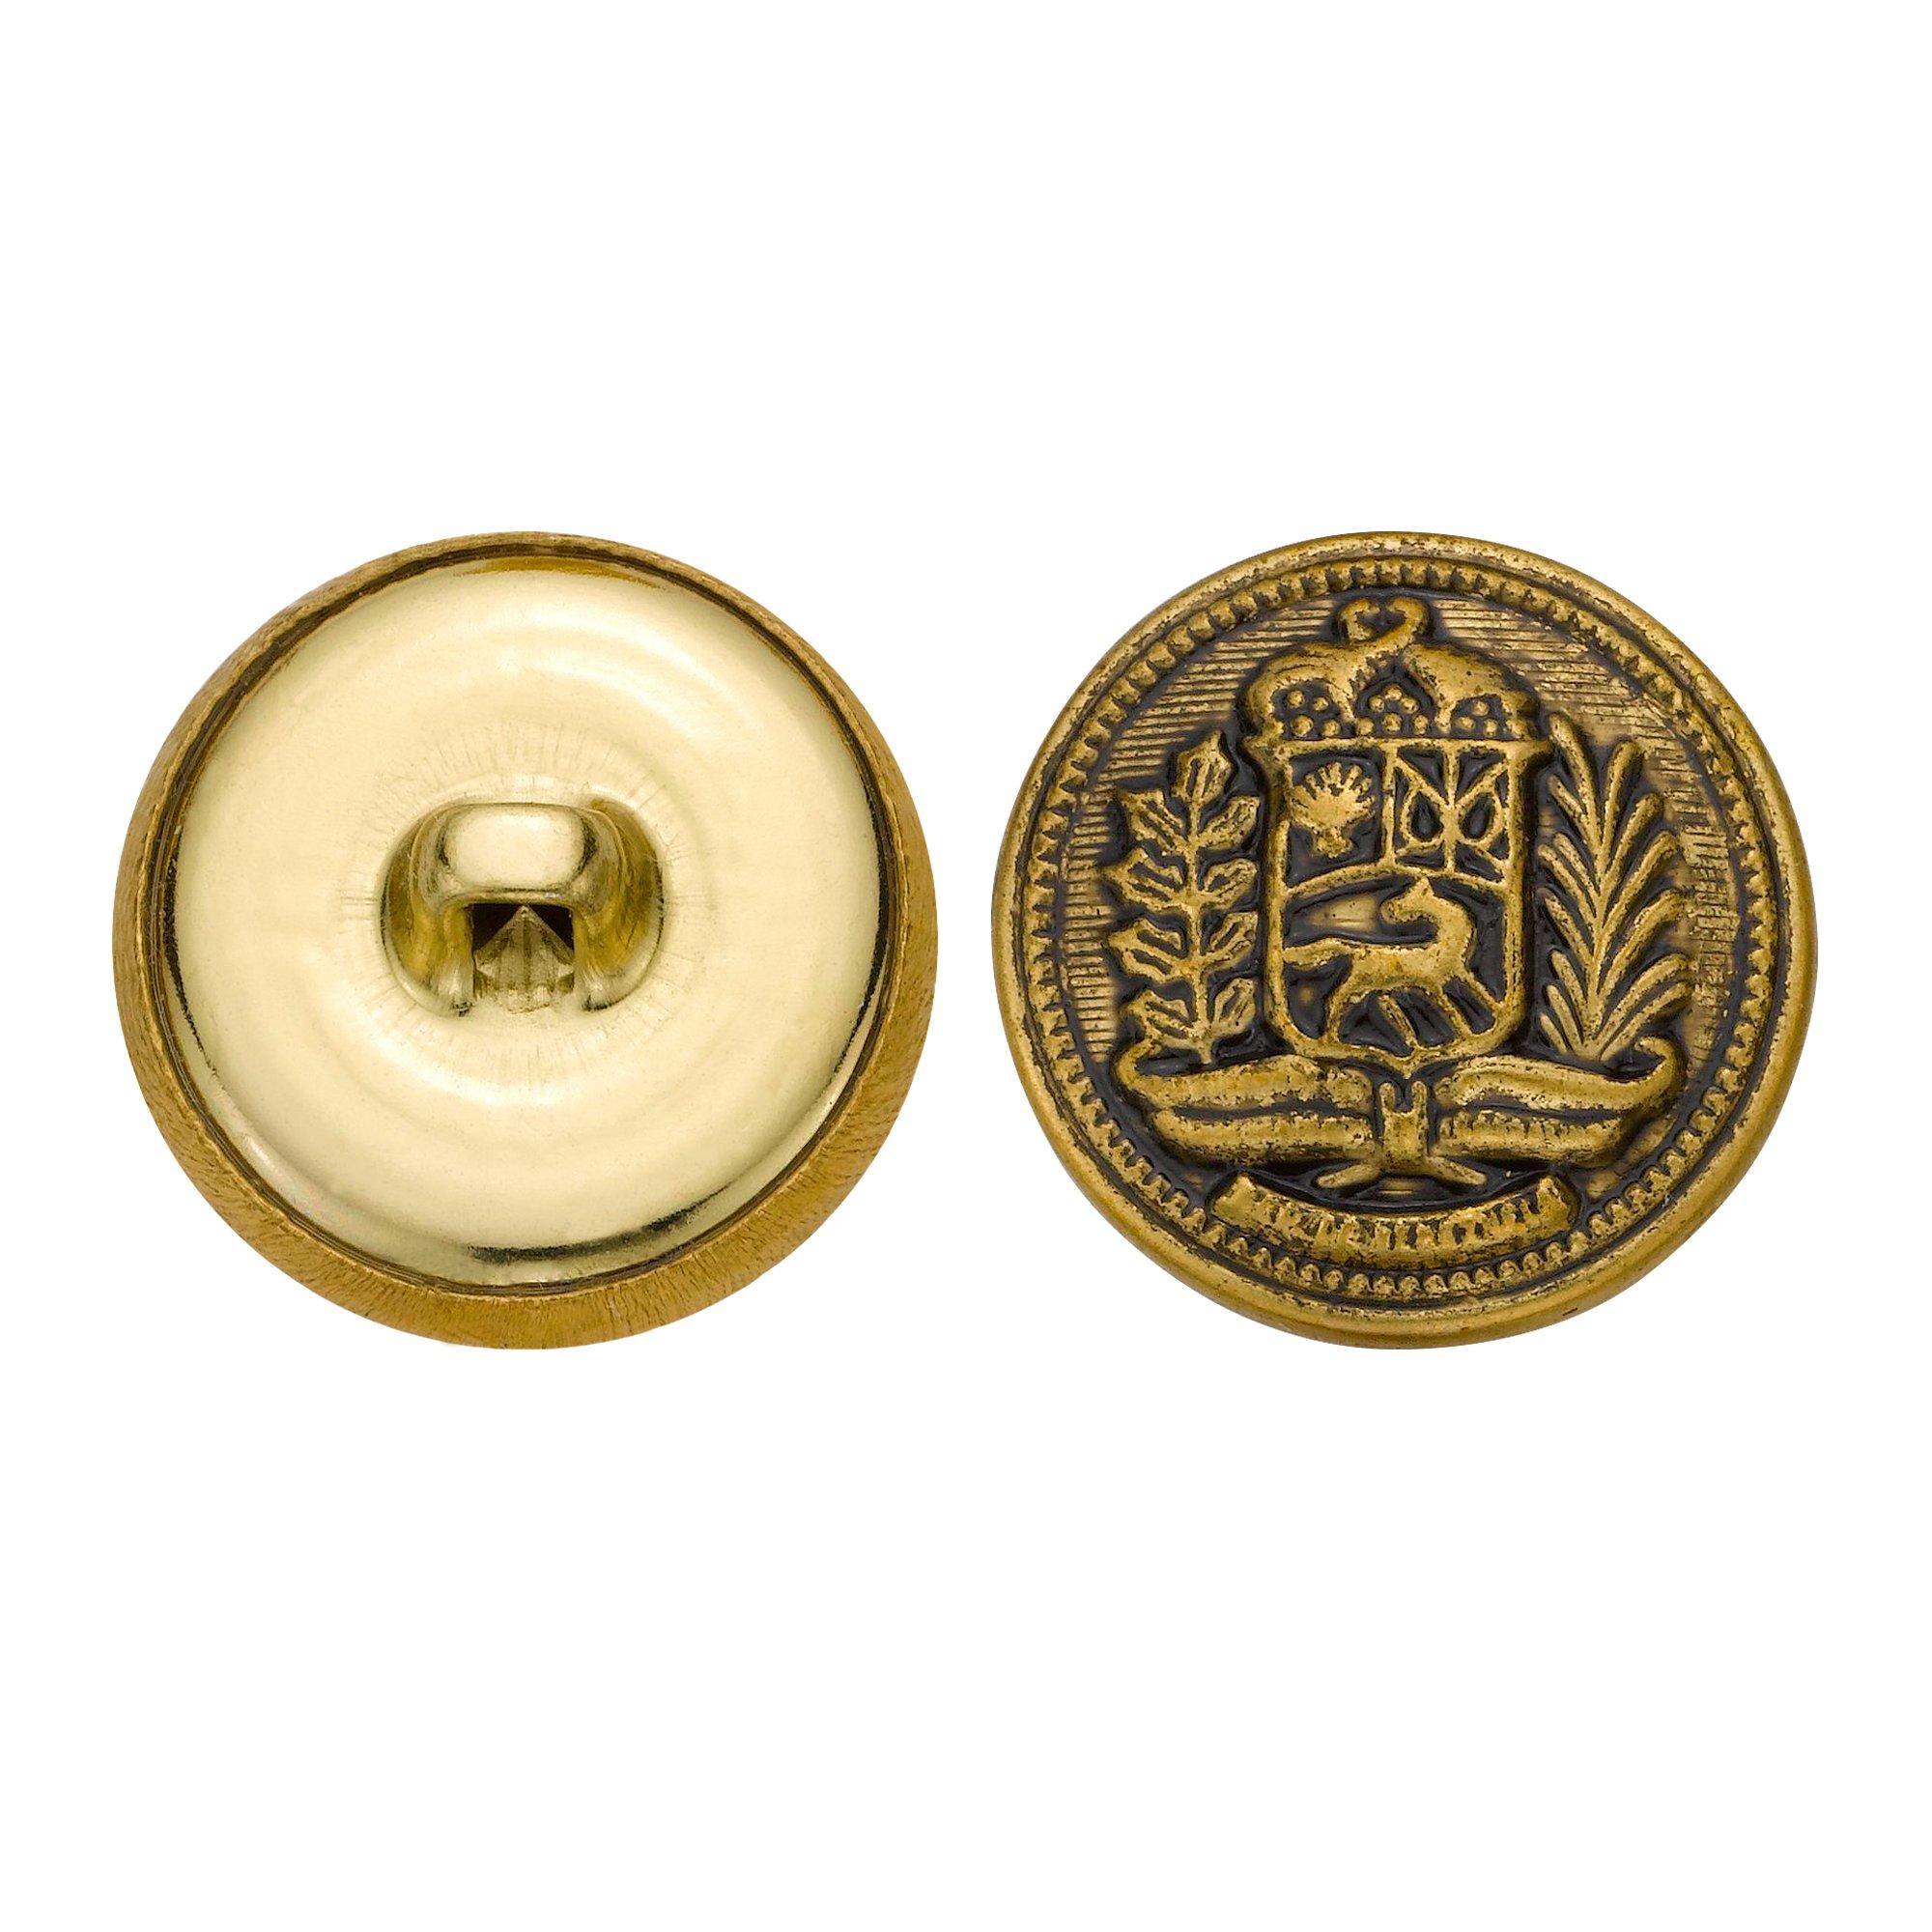 C&C Metal Products 5271 Crest Metal Button, Size 33 Ligne, Antique Gold, 36-Pack